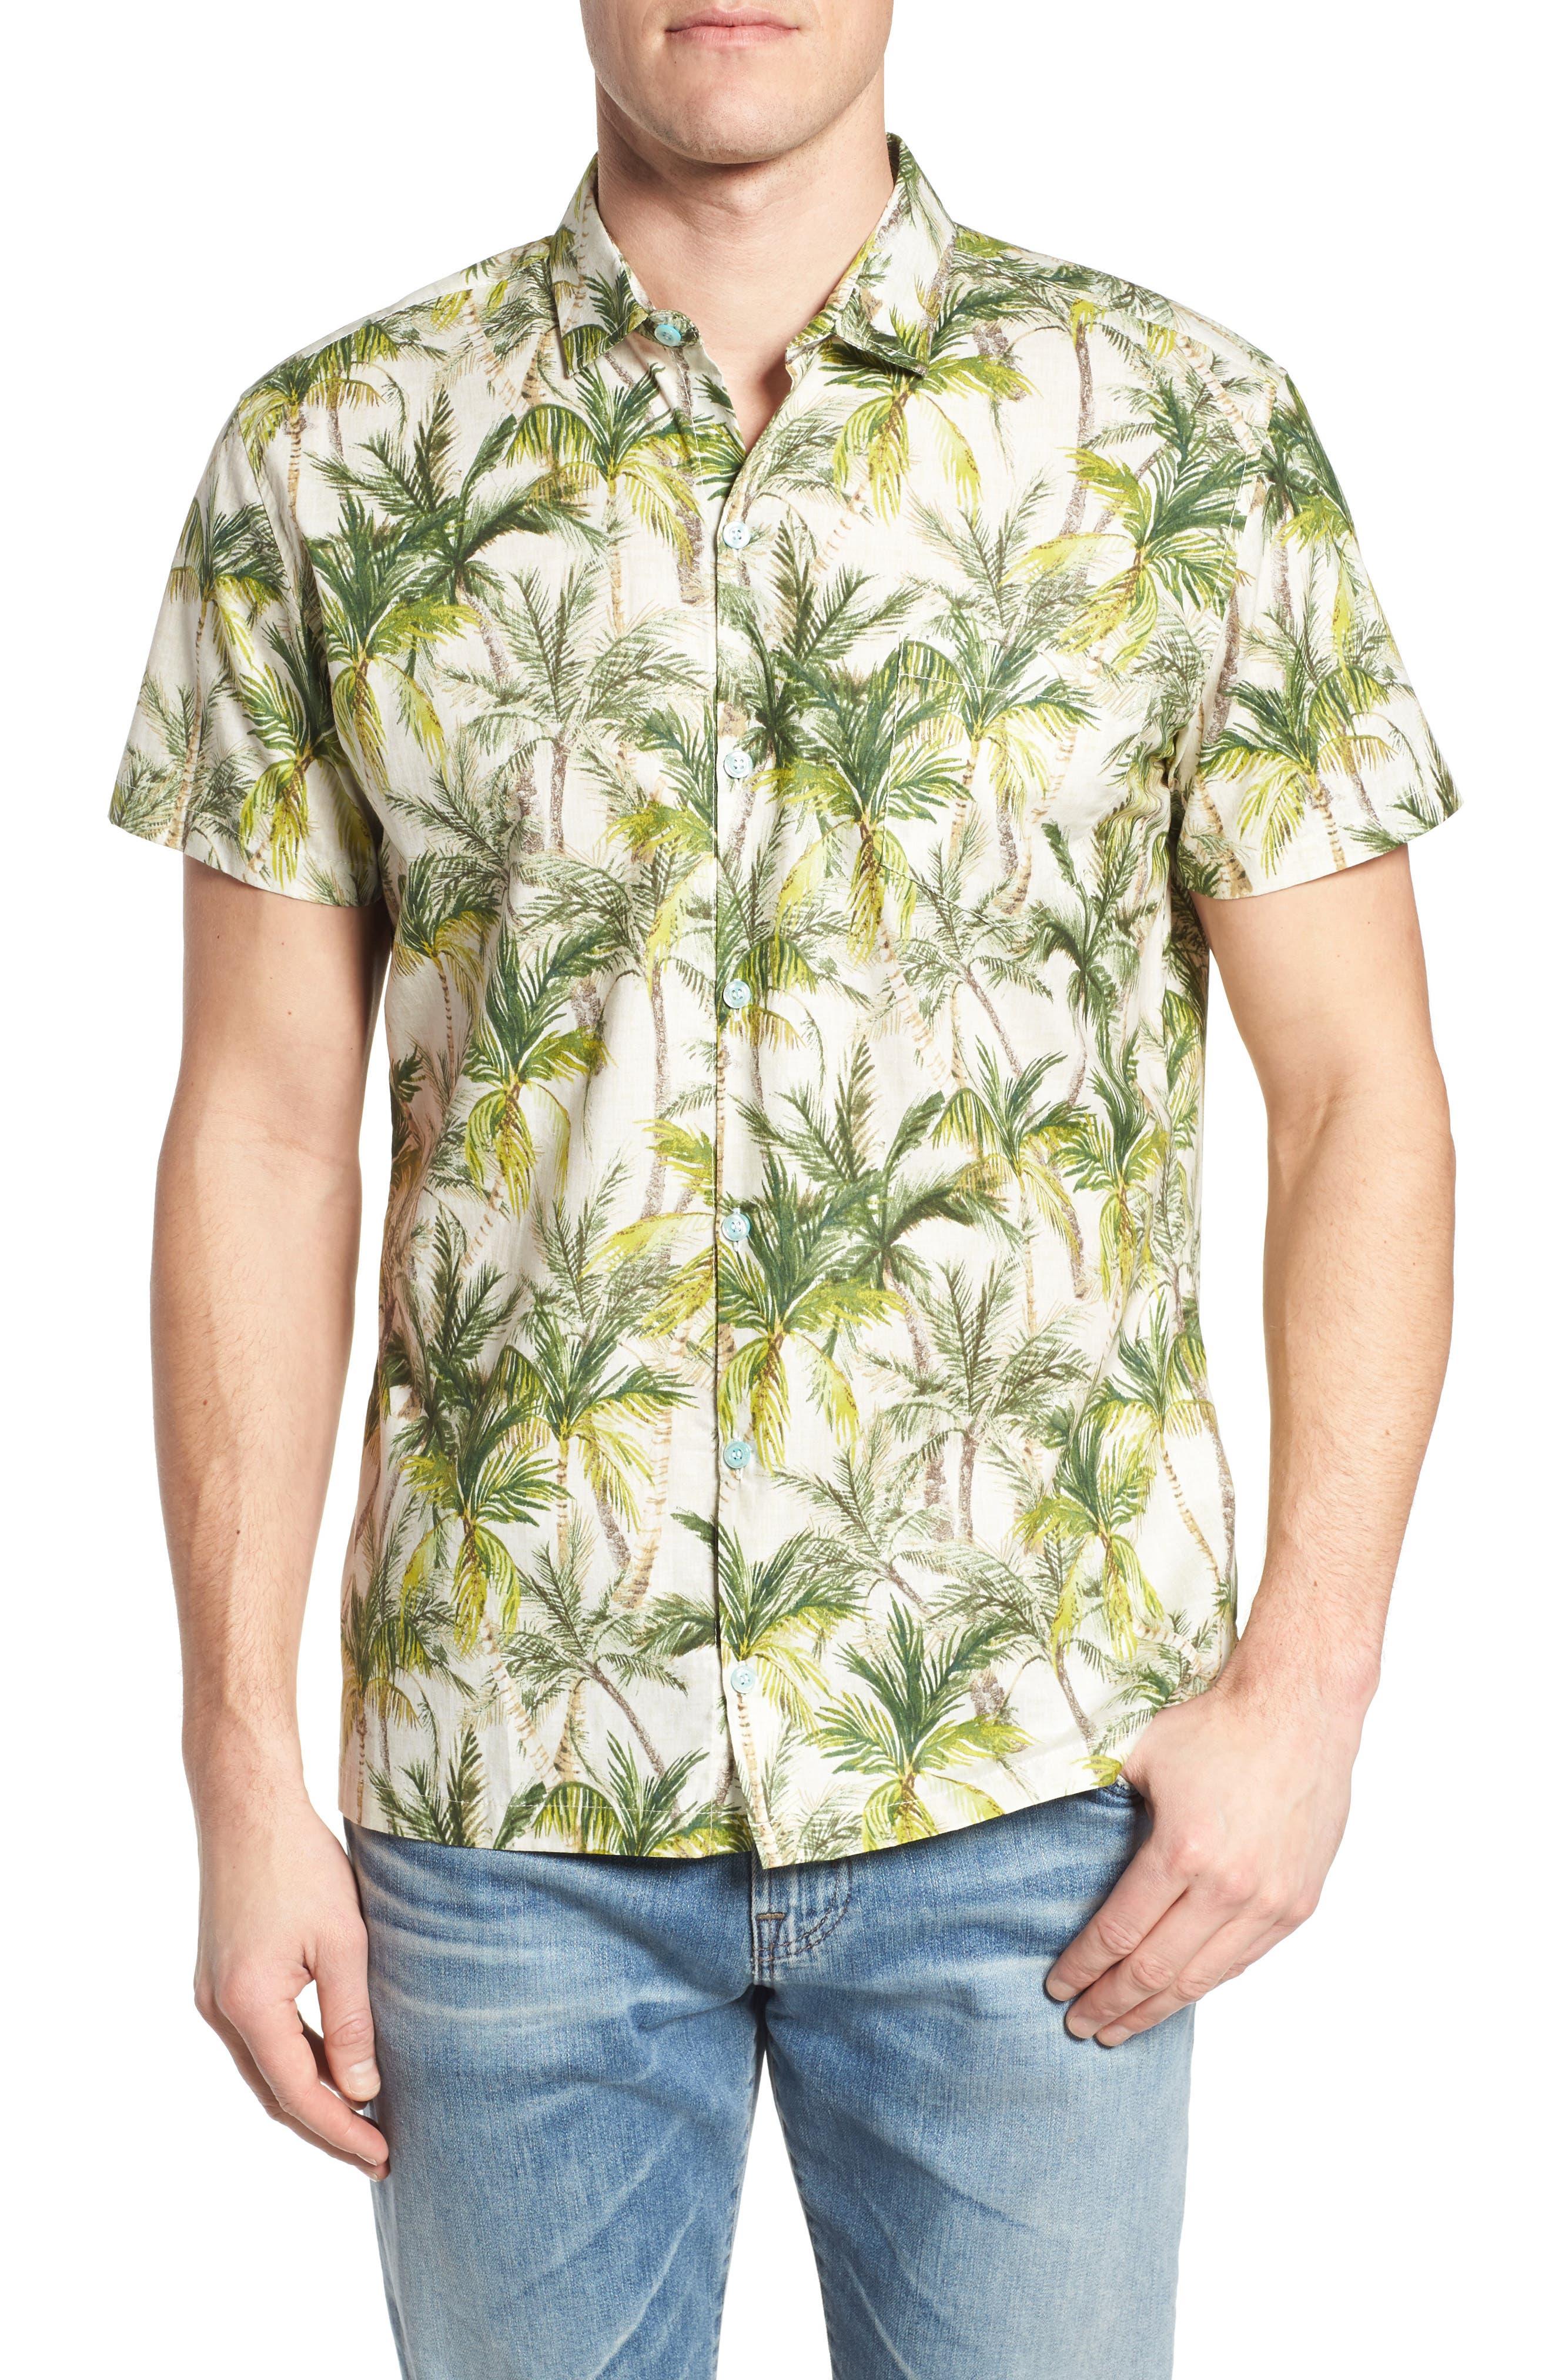 Coco Vida Trim Fit Print Cotton Lawn Sport Shirt,                             Main thumbnail 1, color,                             102